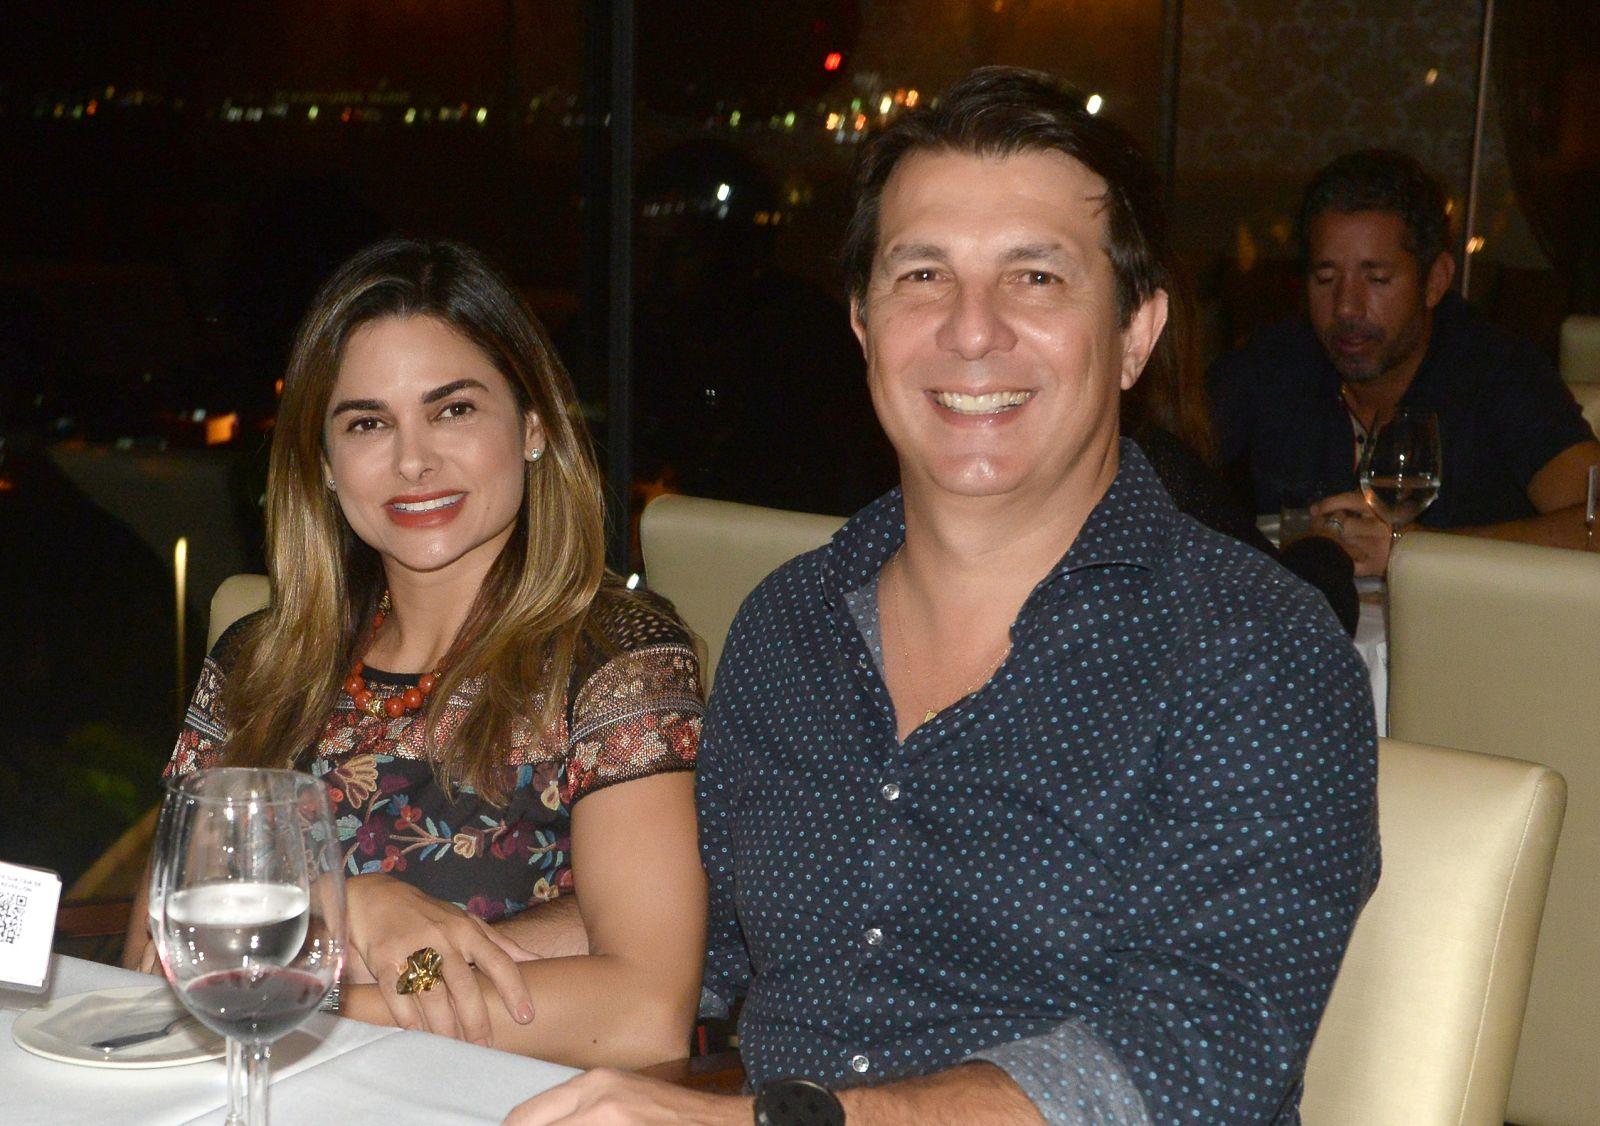 Deputado Arthur Mais jantando com sua esposa Andrea dia 05/12 no restaurante Chez Barnard